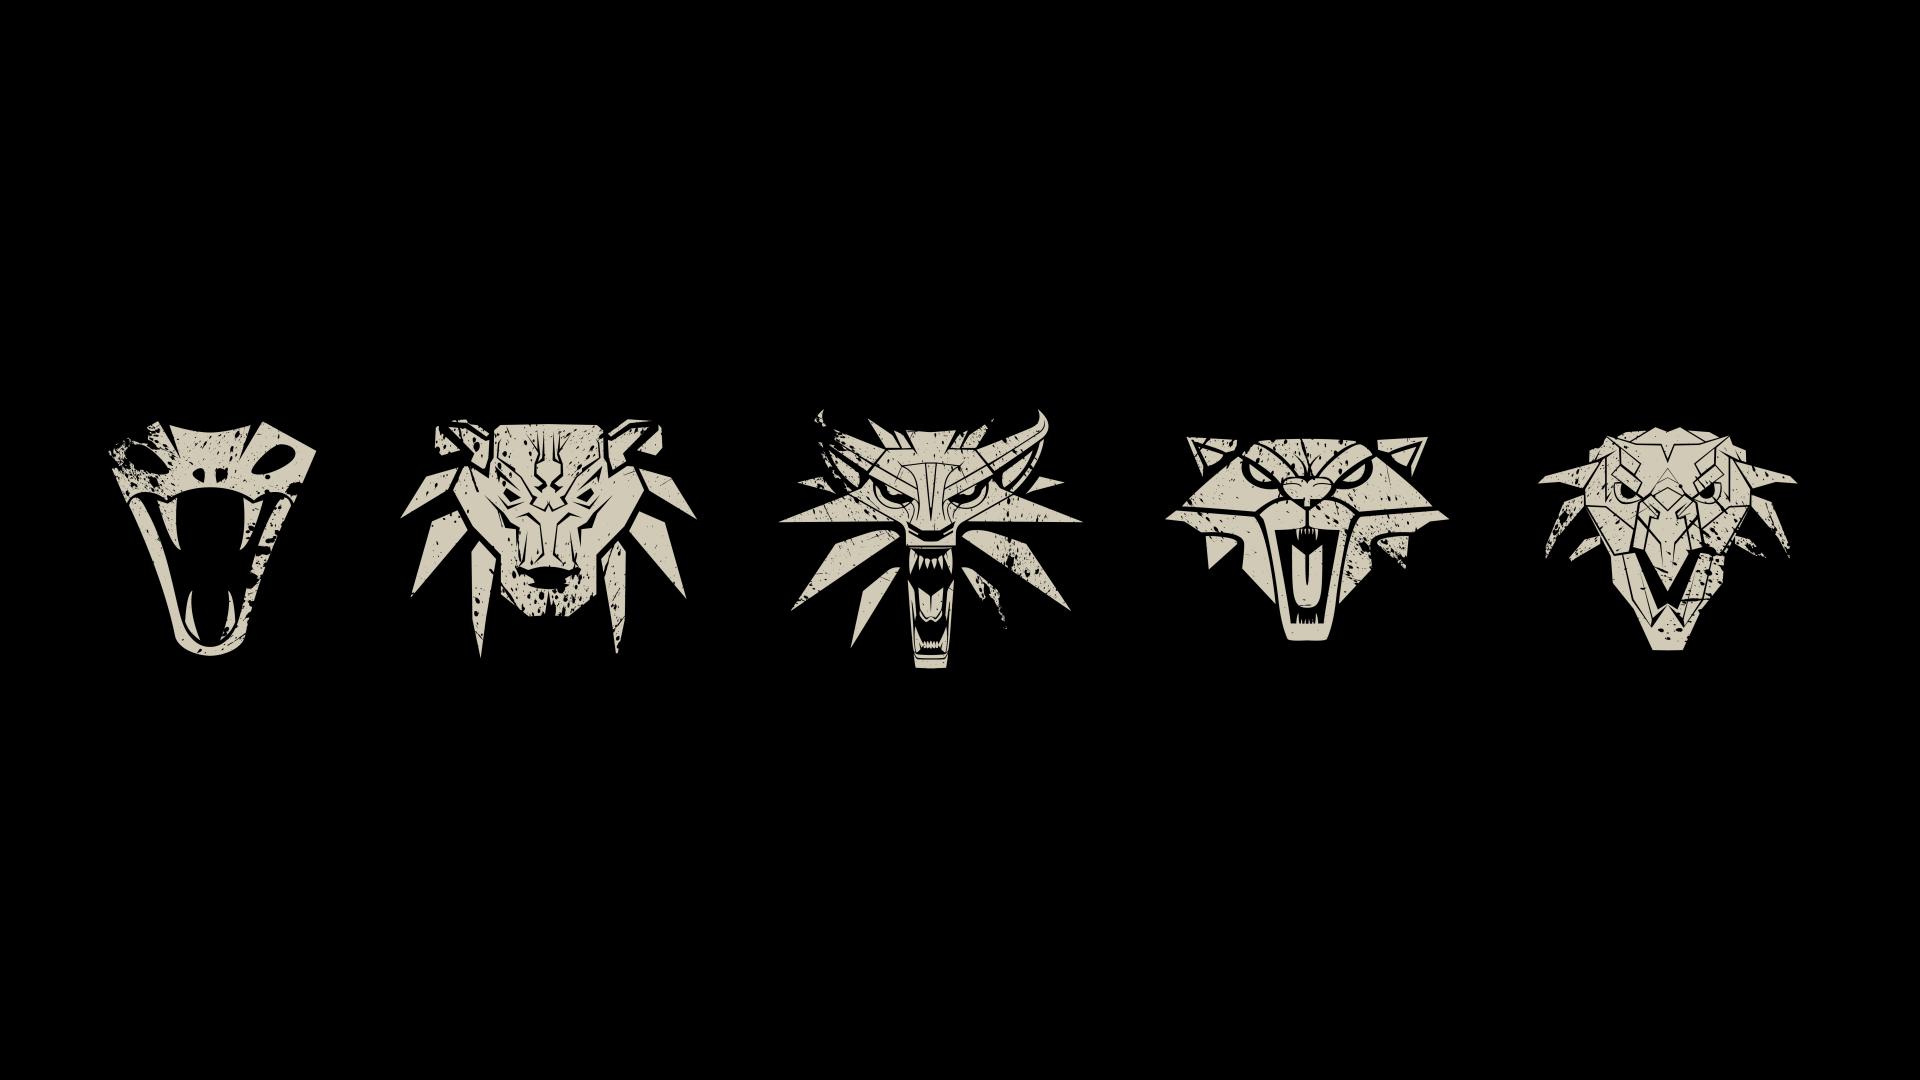 Video Game The Witcher 3 Wild Hunt The Witcher Papel De Parede O Mago Caca Selvagem Tatuagem De Jogos